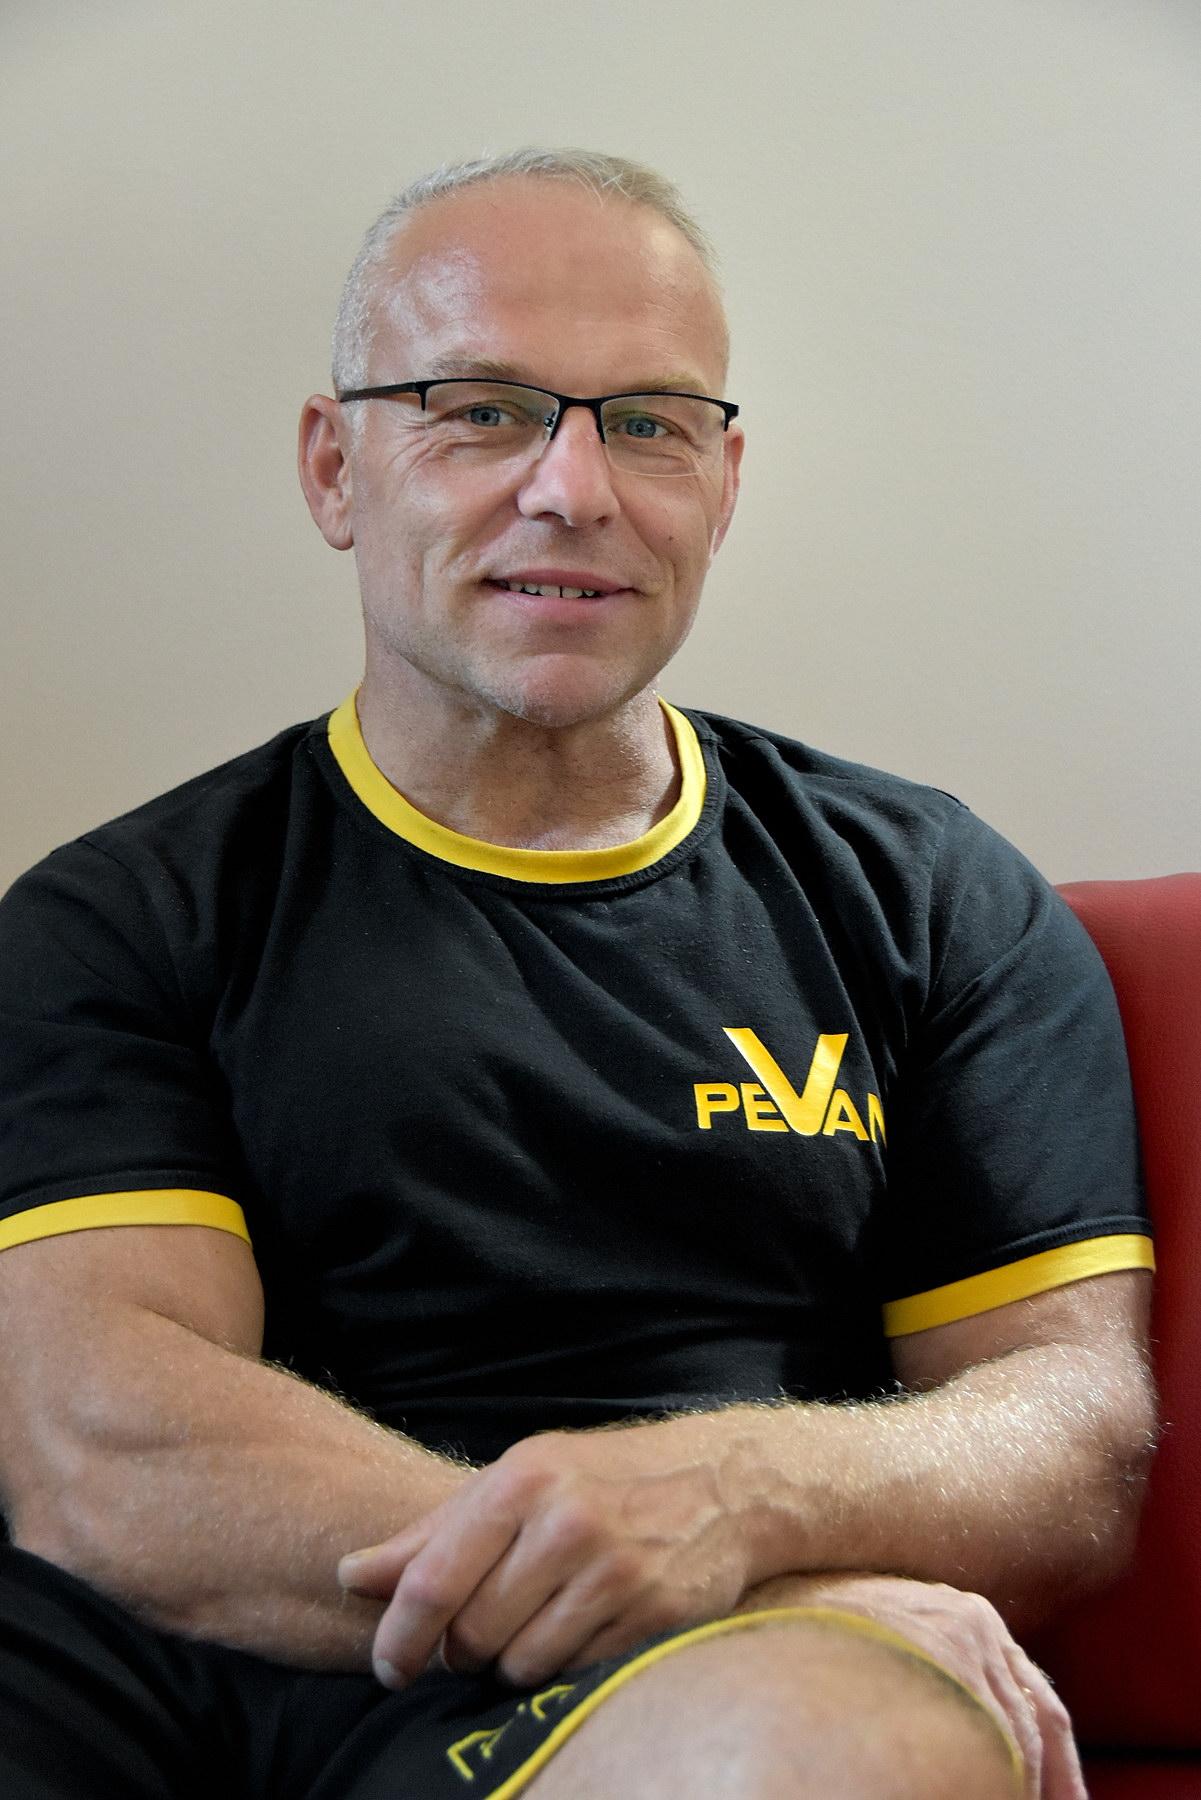 Pořadatel soutěže Pevan cup a bývalý profesionální kulturista Petr Vaniš.